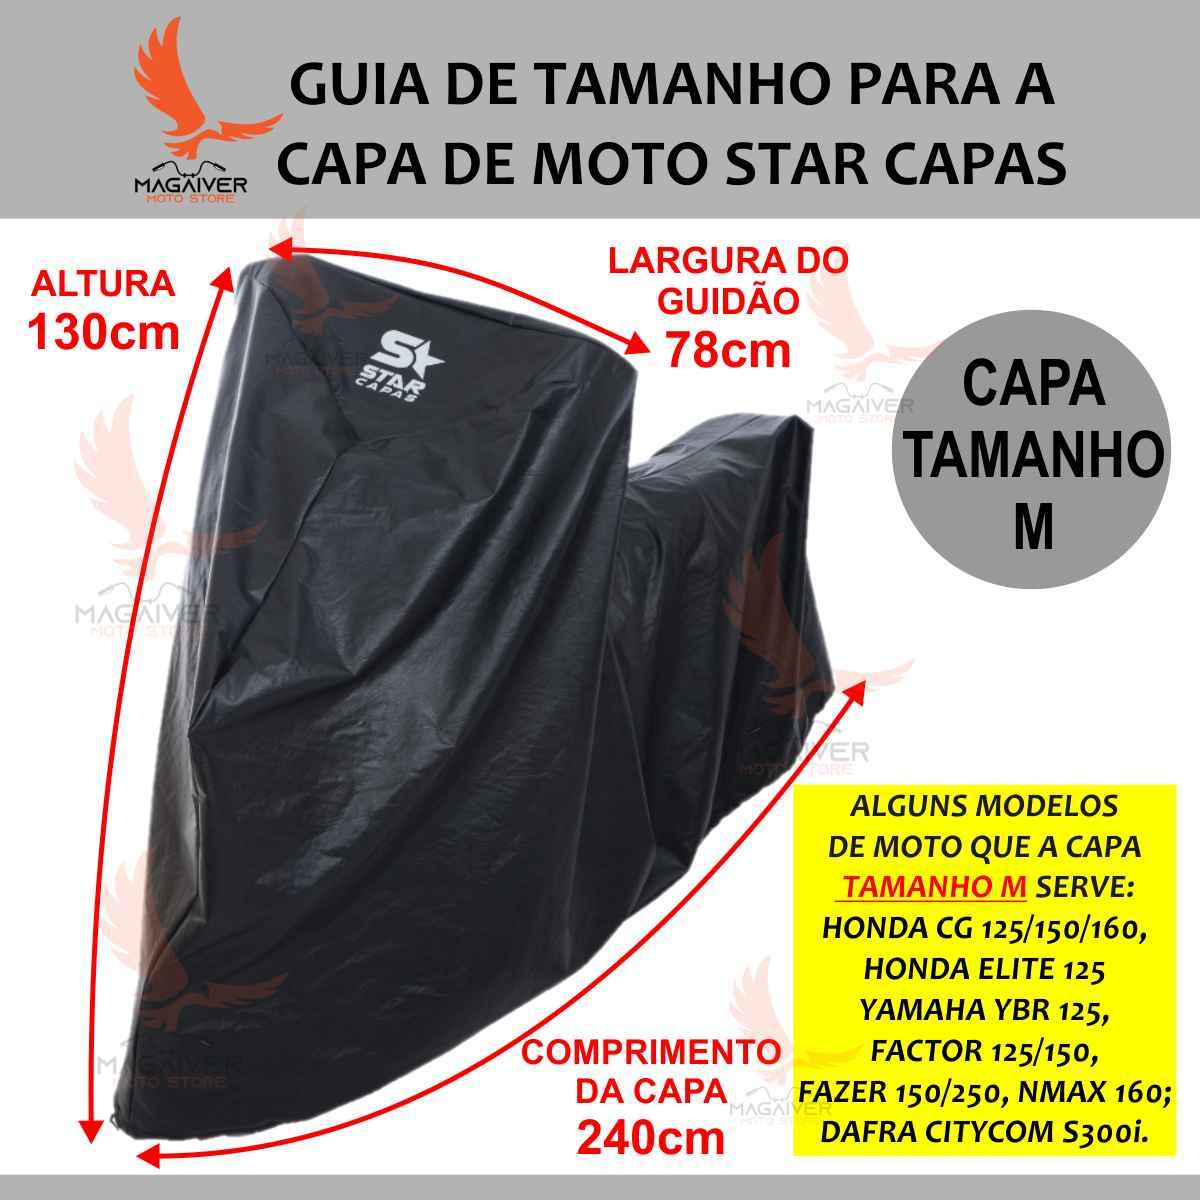 CAPA TÉRMICA PROTETORA DE COBRIR MOTO STAR CAPAS IMPERMEÁVEL M CG TITAN FAN ELITE NMAX YBR FACTOR